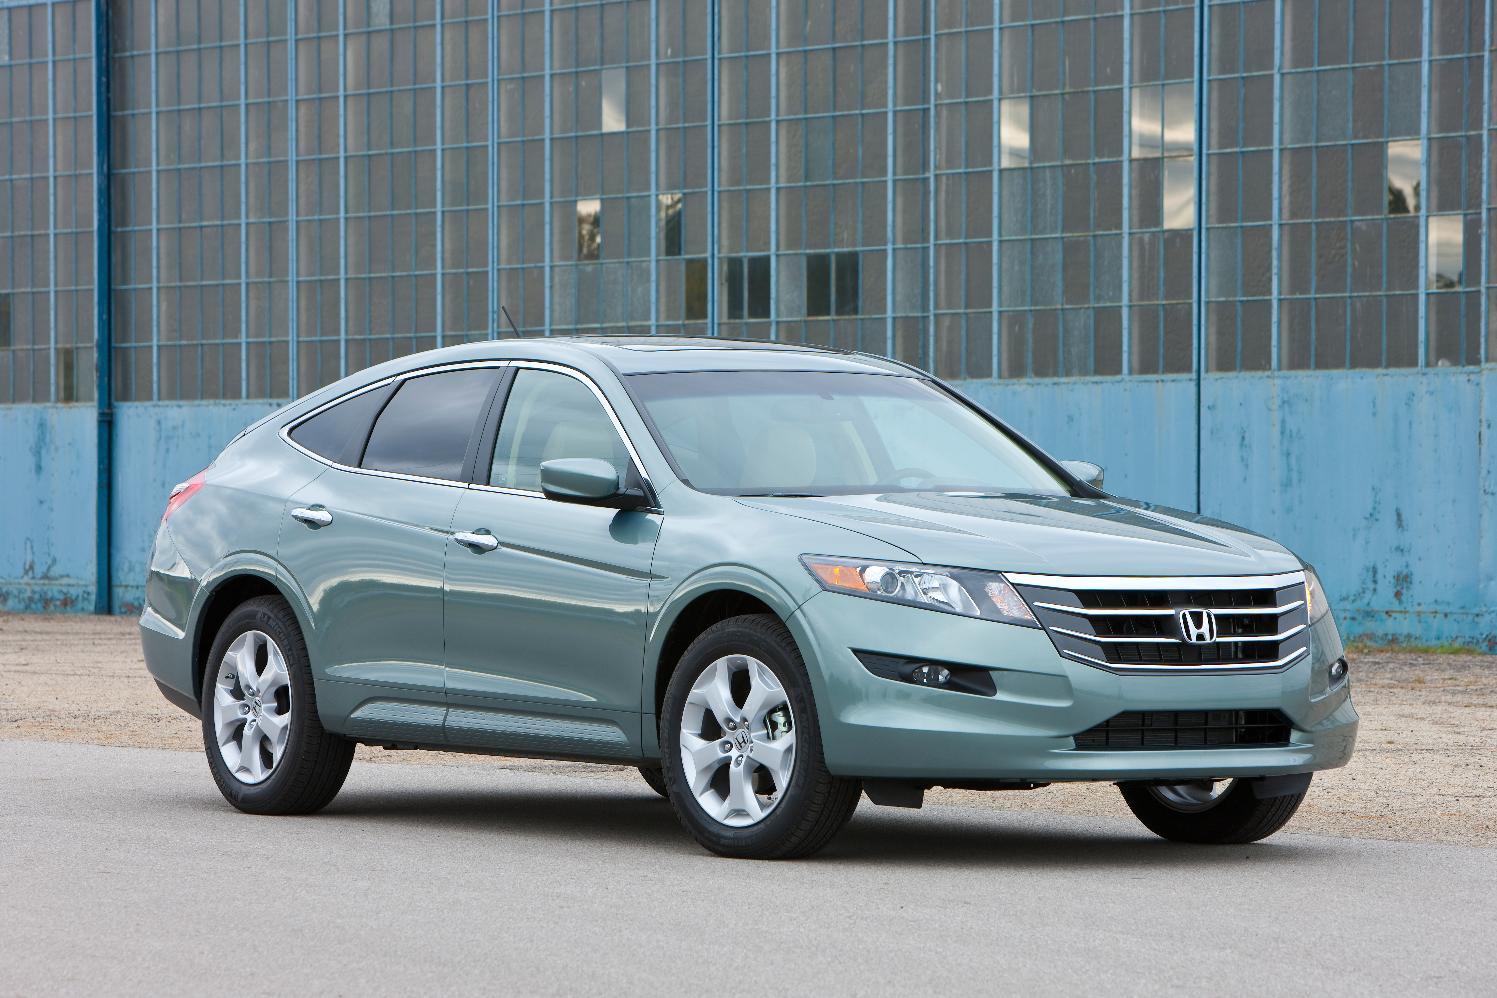 Kekurangan Honda Accord 10 Tangguh